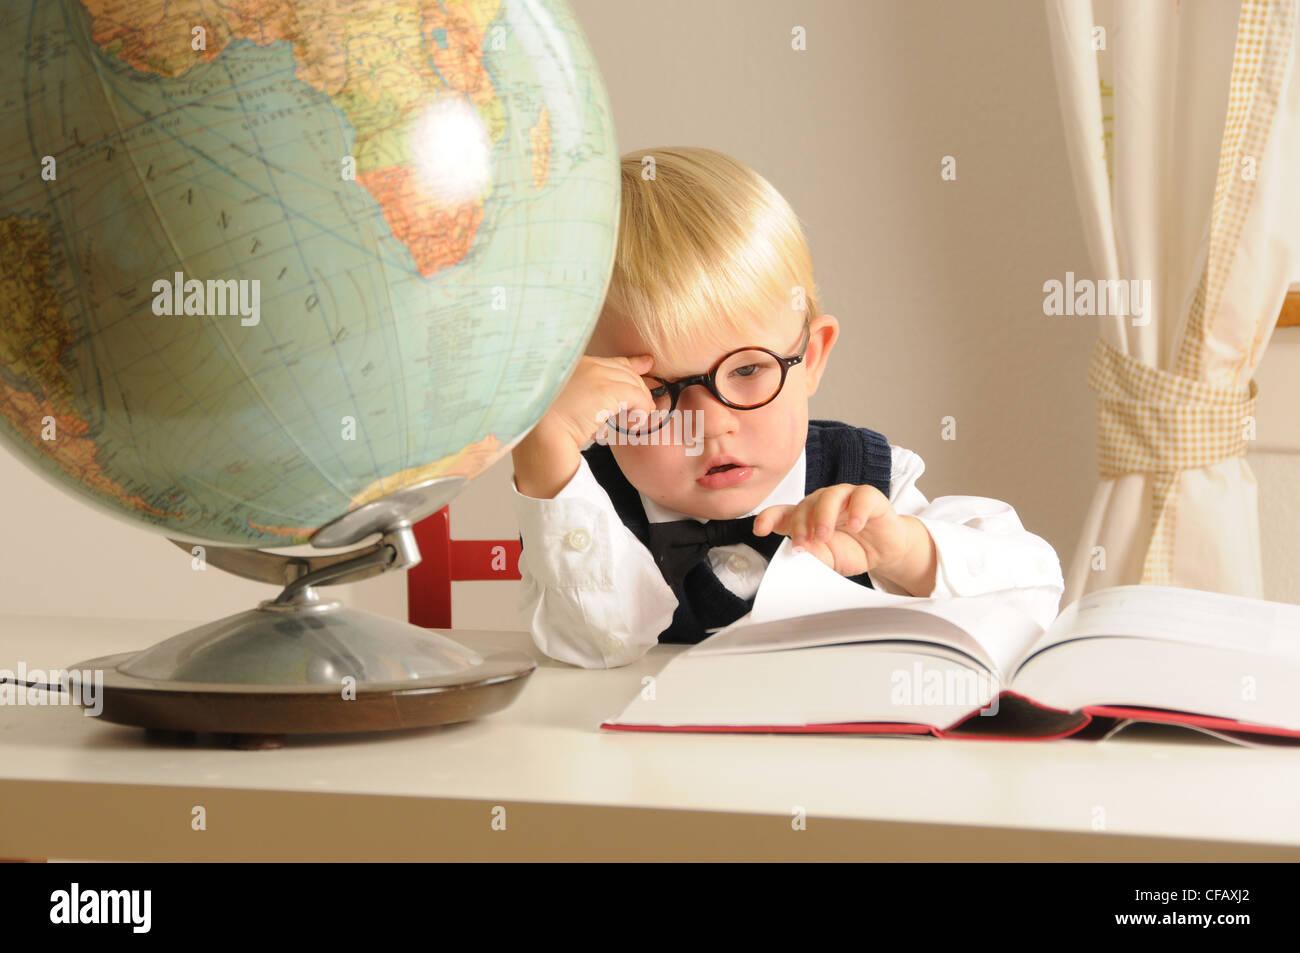 Intelligente, Bambino, educazione, altamente geniale, ulteriore istruzione, scuola, kindergarten, talento, IQ, genius, Immagini Stock